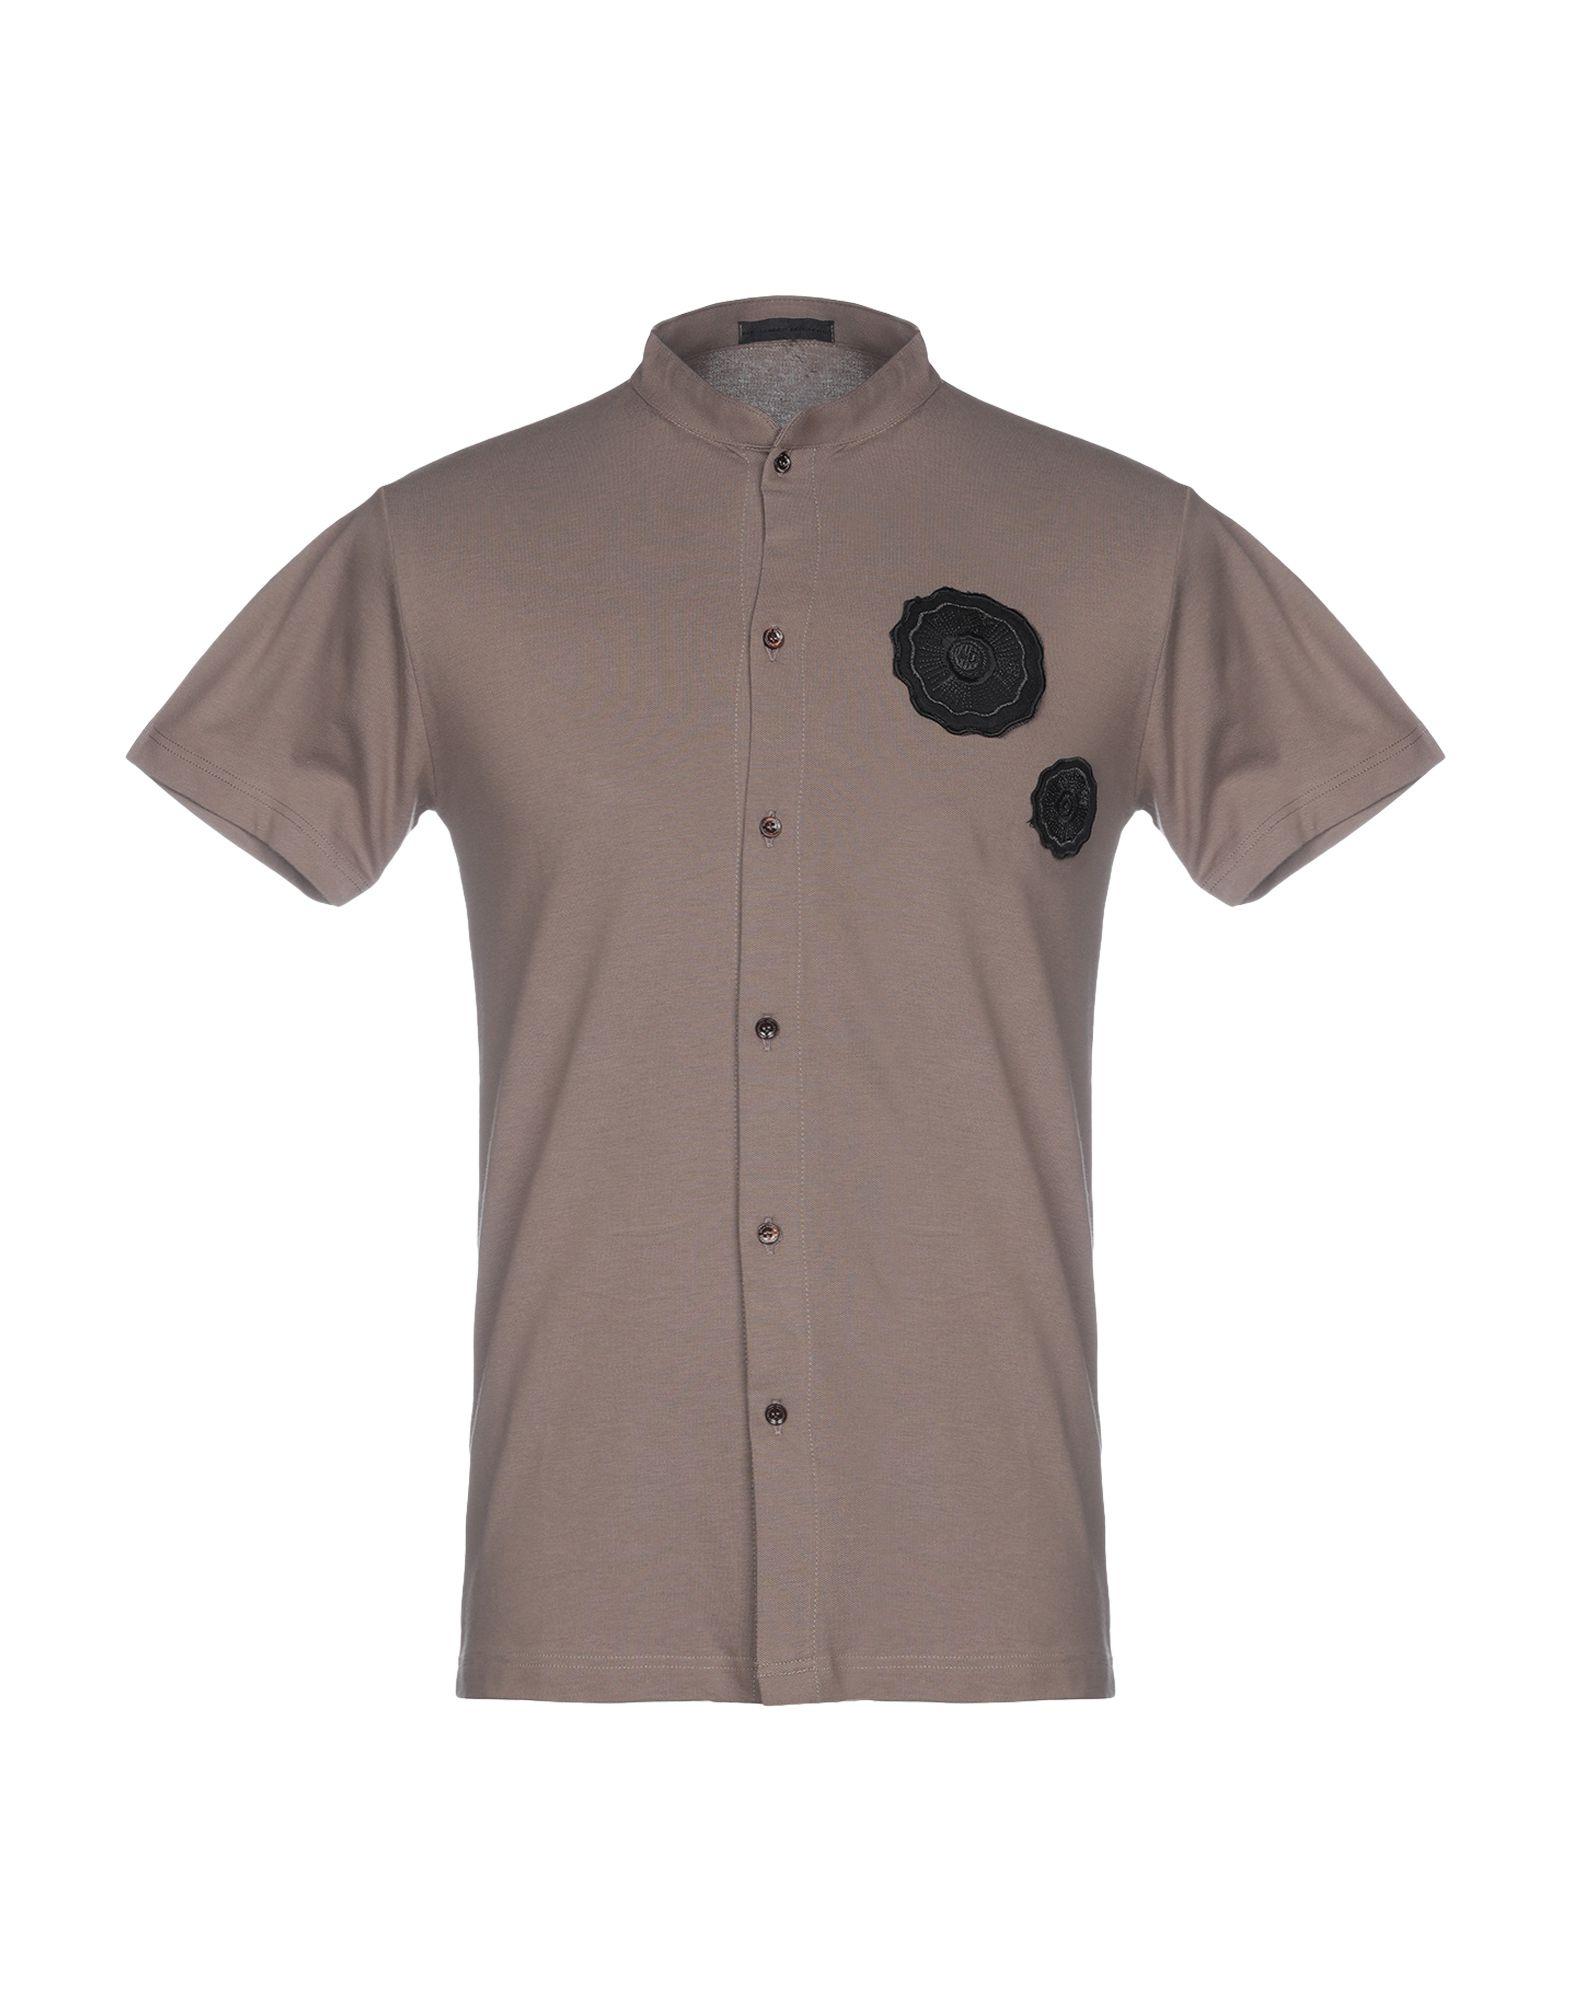 《送料無料》ALESSANDRO DELL'ACQUA メンズ シャツ ドーブグレー S コットン 100%